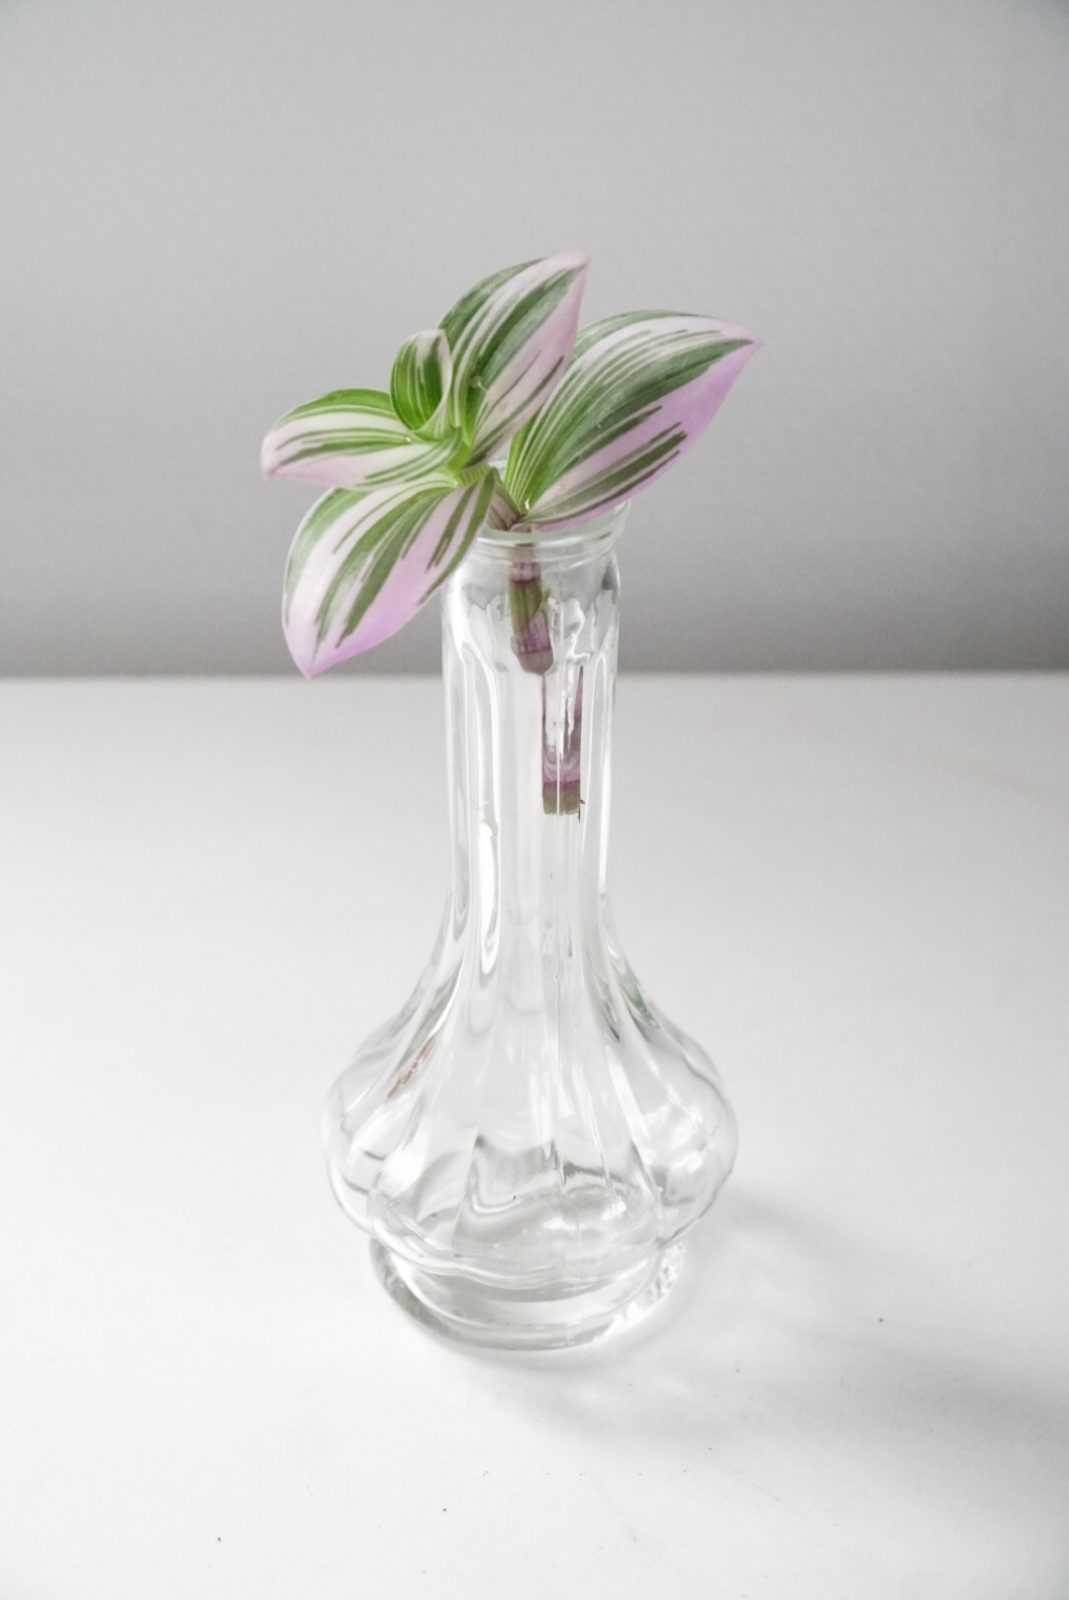 nanouk tradescantia paars kopstek kopstek plant plantje stek stekje terracotta pot potje glas glaasje rood